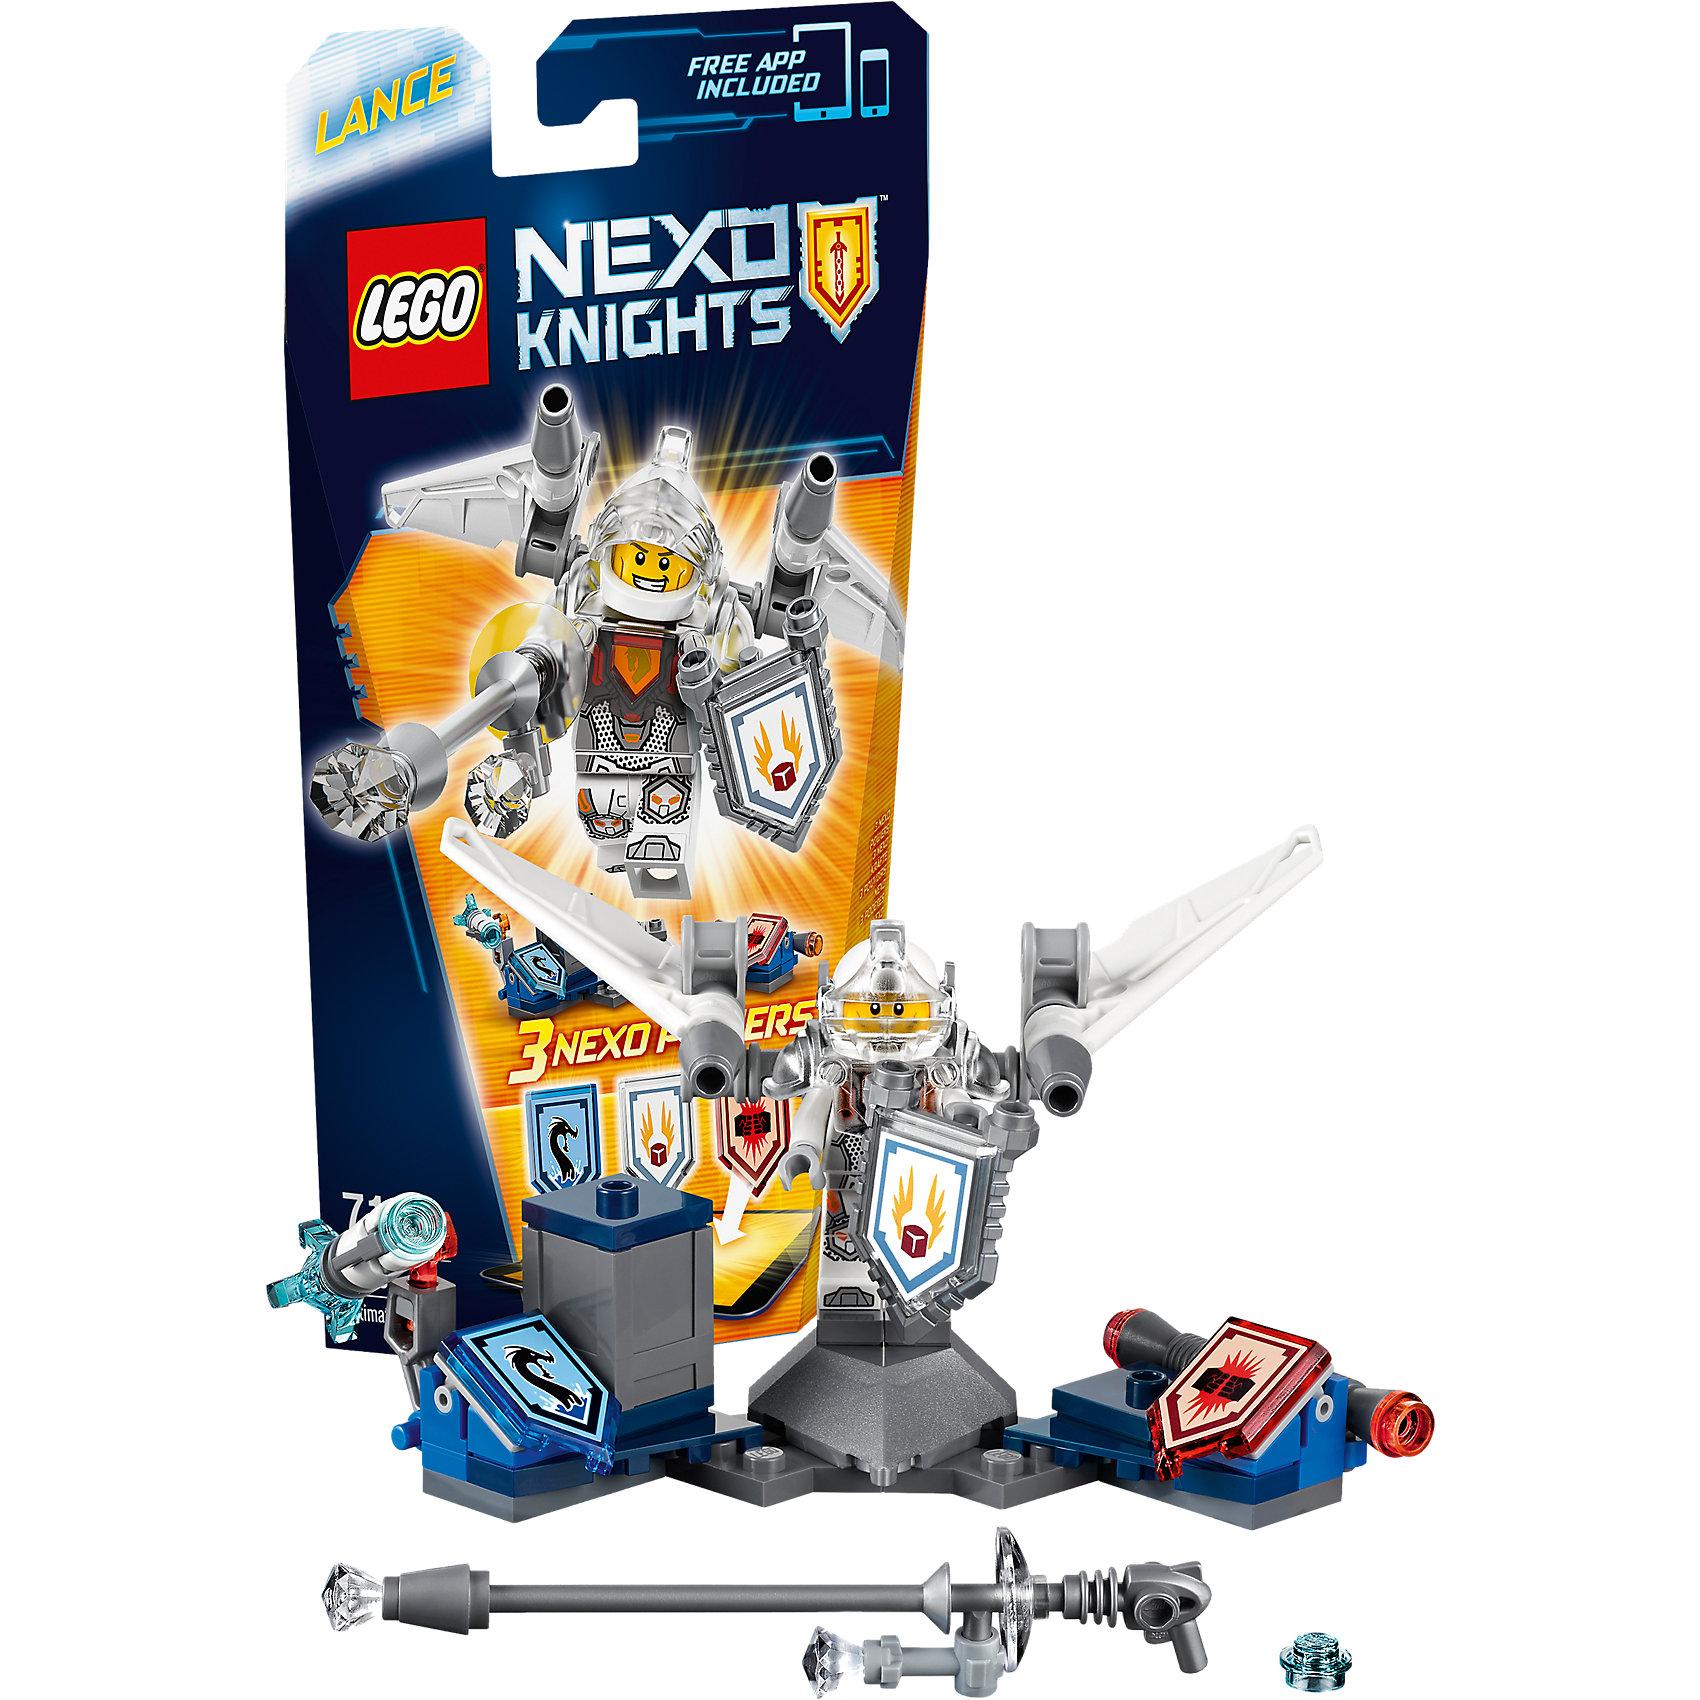 LEGO NEXO KNIGHTS 70337: Ланс - Абсолютная силаПластмассовые конструкторы<br>Ланс - знаменитый, очаровательный, бравый, а теперь и очень быстрый. Тот, кто вступает в схватку с этим блестящим рыцарем, нарывается на крупные неприятности, когда тот взлетает вверх с помощью реактивных ускорителей, установленных на его крыльях. <br><br>LEGO Nexo Knights ( ЛЕГО Нексо Найт) - это невероятный мир прогресса и новых технологий, в котором все же нашлось место для настоящих рыцарей, магии и волшебства. Удивительное сочетание футуризма и средневековой романтики увлекает и детей, и взрослых, а множество наборов серии и высокая детализация позволяют создать свой волшебный мир Nexo Knights!<br><br>Дополнительная информация:<br><br>- Конструкторы ЛЕГО развивают усидчивость, внимание, фантазию и мелкую моторику. <br>- Количество деталей: 69. <br>- 1 минифигурка, постамент, аксессуары. <br>- Серия ЛЕГО Нексо Найт (LEGO Nexo Knights).<br>- Материал: пластик.<br>- Размер упаковки: 24х5х14 см.<br>- Вес: 0.095 кг.<br><br>Конструктор LEGO Nexo Knights 70337: Ланс - Абсолютная сила можно купить в нашем магазине.<br><br>Ширина мм: 237<br>Глубина мм: 139<br>Высота мм: 51<br>Вес г: 94<br>Возраст от месяцев: 84<br>Возраст до месяцев: 168<br>Пол: Мужской<br>Возраст: Детский<br>SKU: 4641201